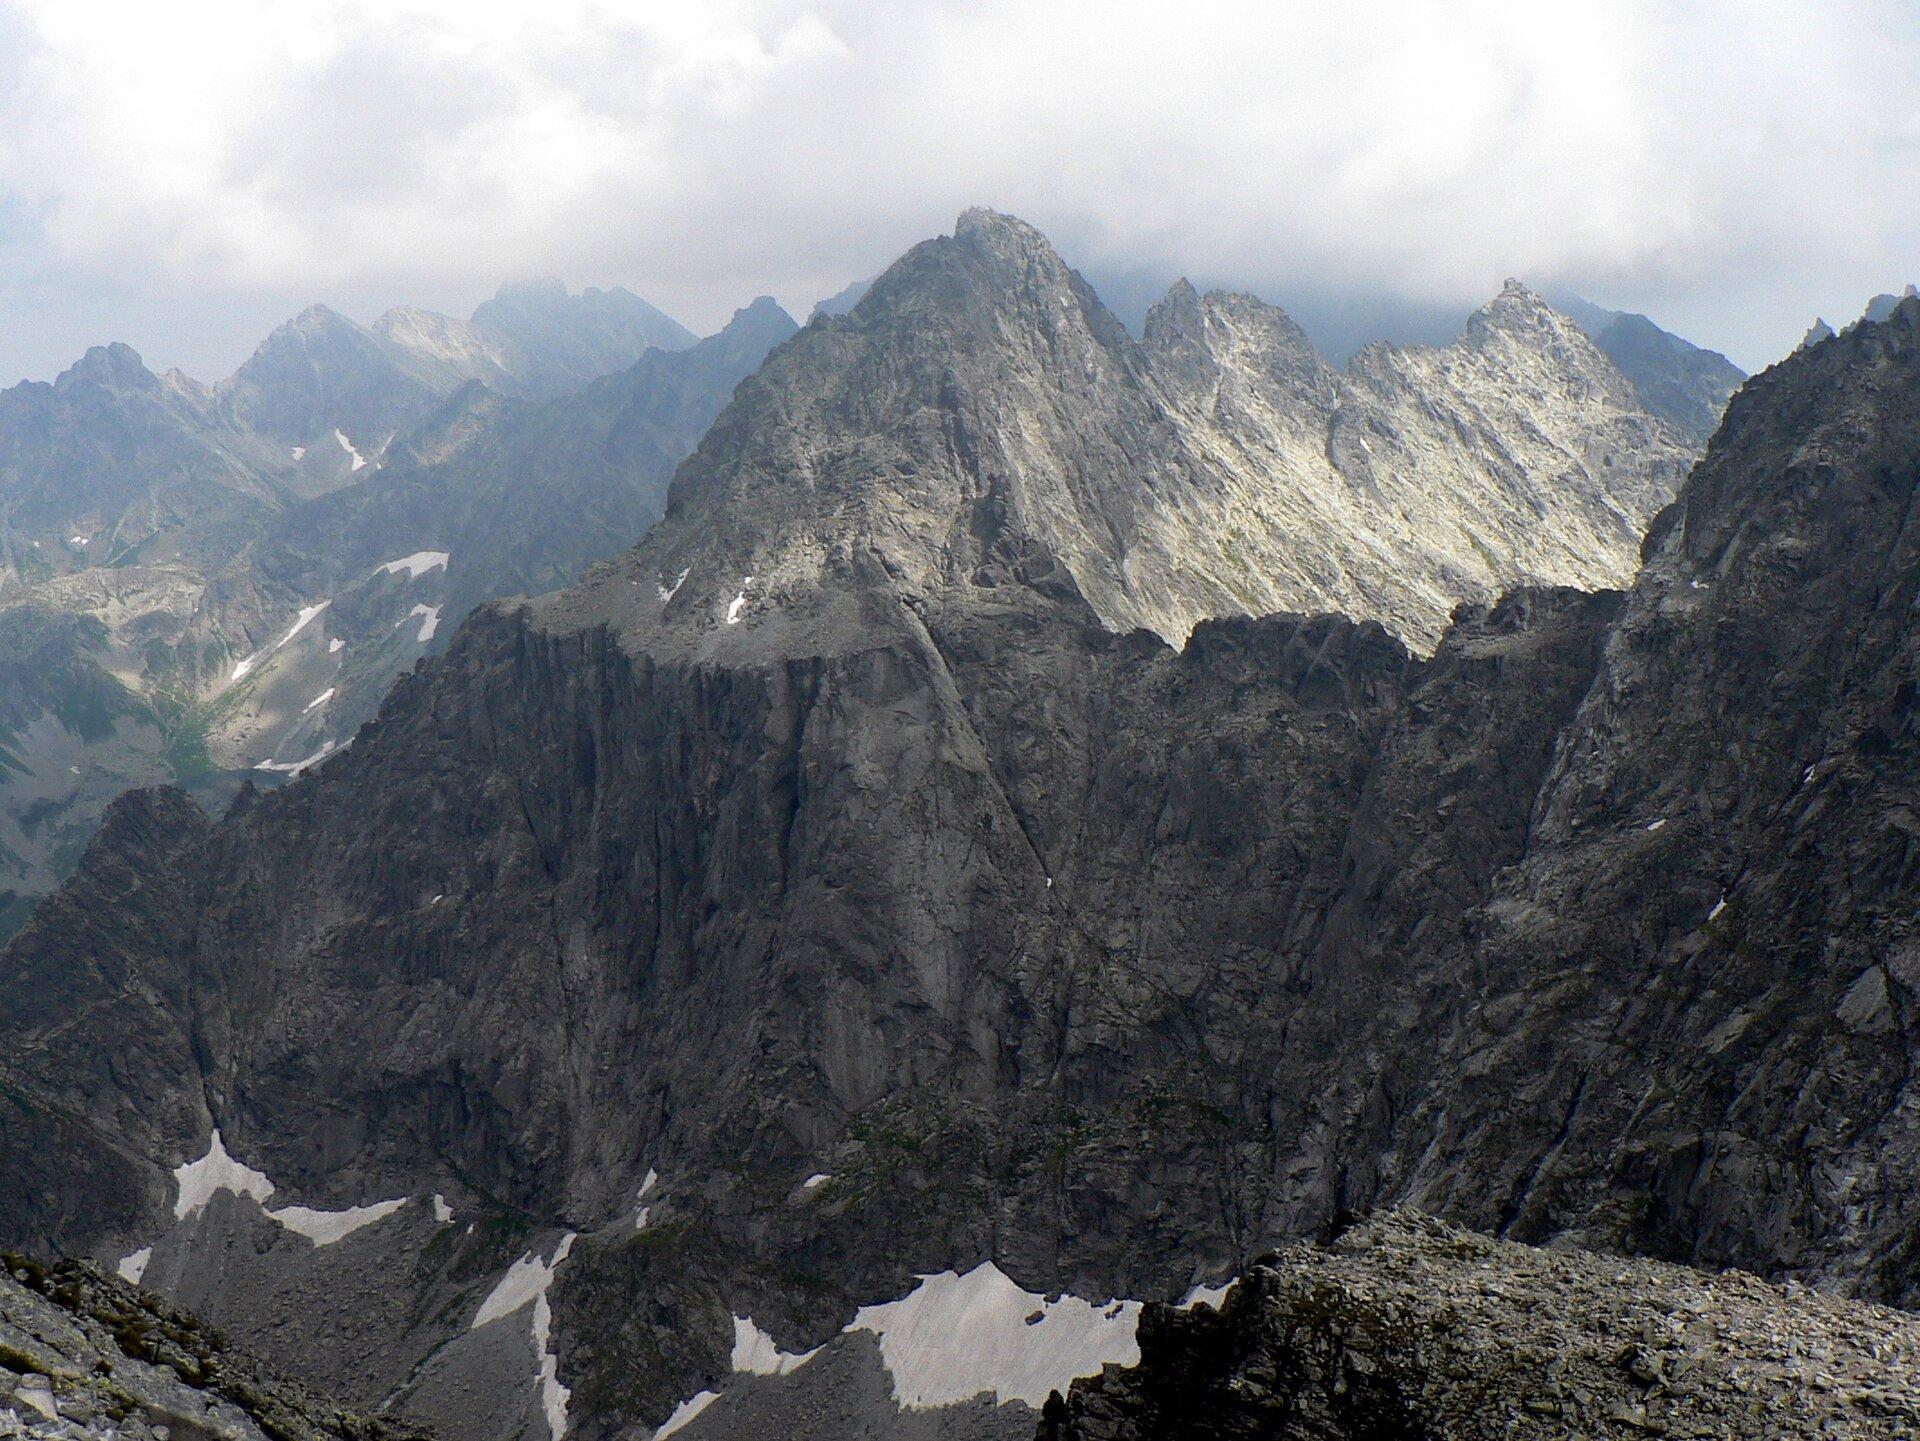 Na zdjęciu bardzo wysokie ostrokrawędziste, szpiczaste szczyty górskie pozbawione roślinności.